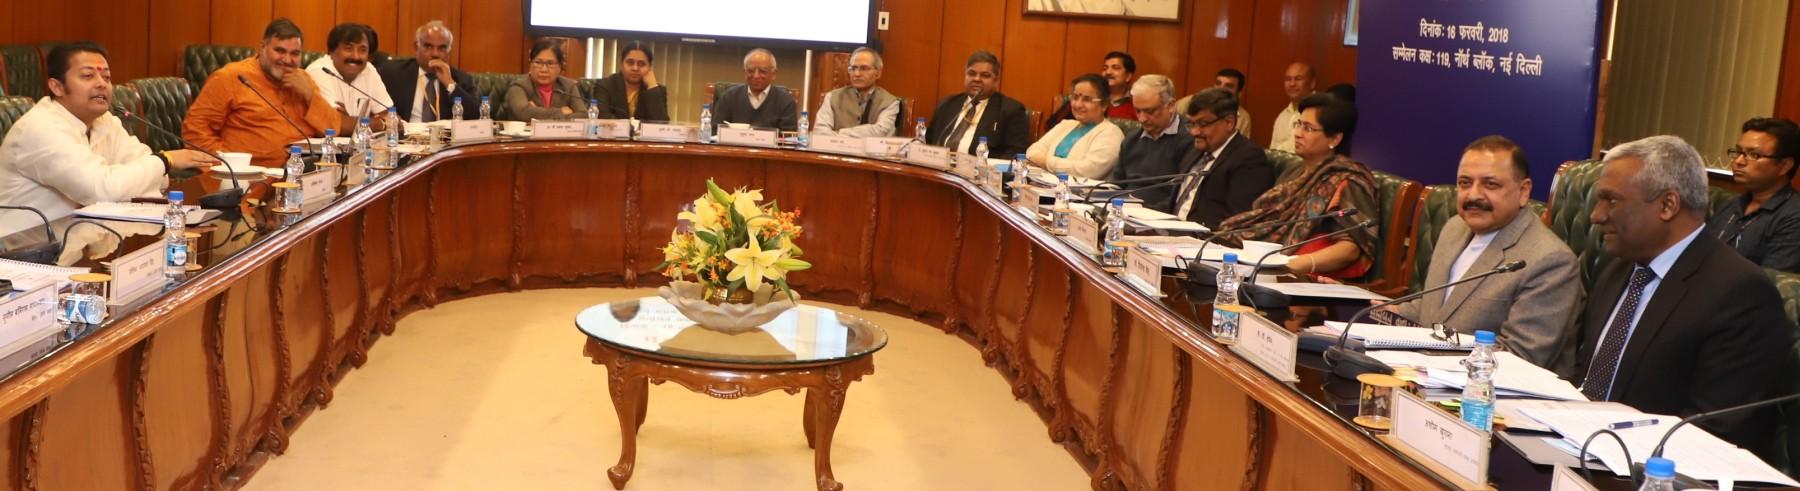 कार्मिक लोक शिकायत तथा पेंशन मंत्रालय की हिंदी सलाहकार समिति की बारहवीं बैठक का आयोजन